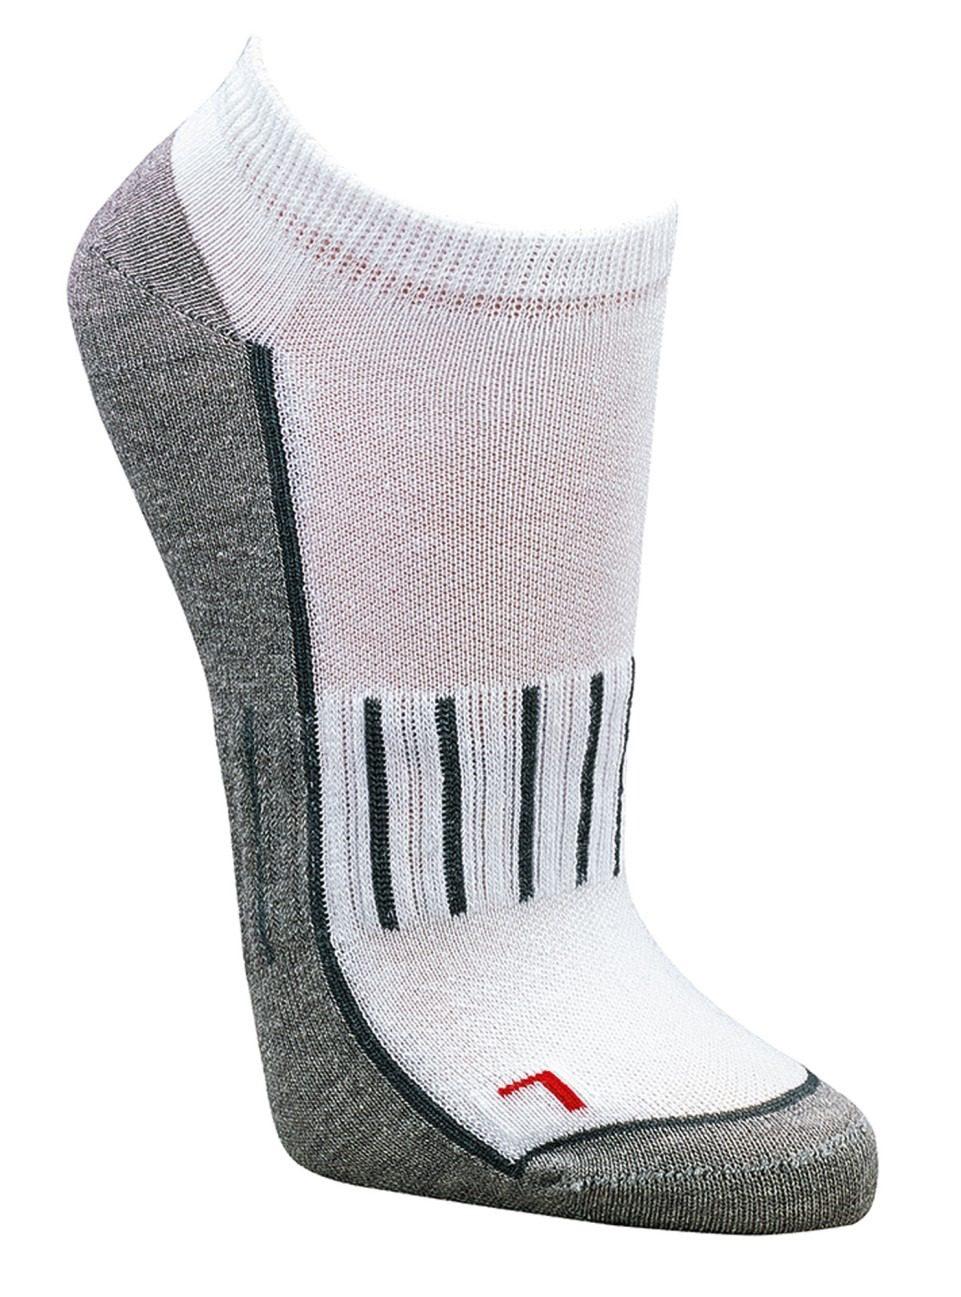 Športne Funkcionalne prezračevalne nogavice 5